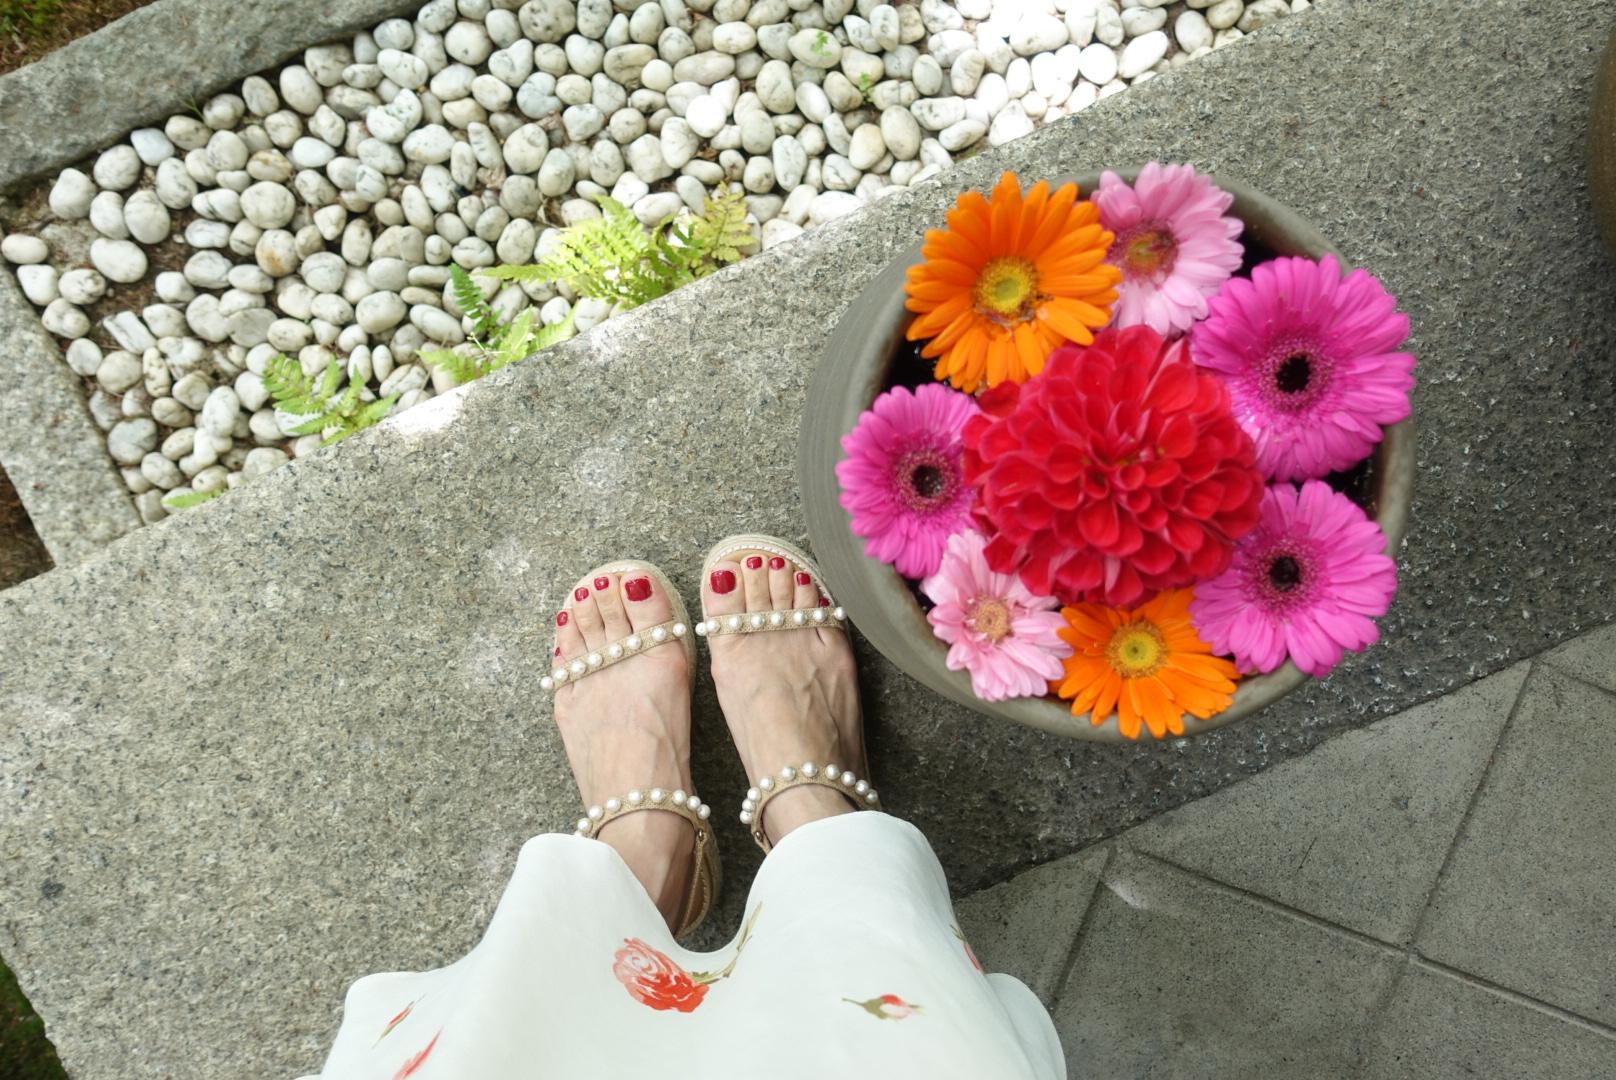 【京都】期間限定!華やかな花手水がフォトジェニック♡GWは京都・勝林寺へ